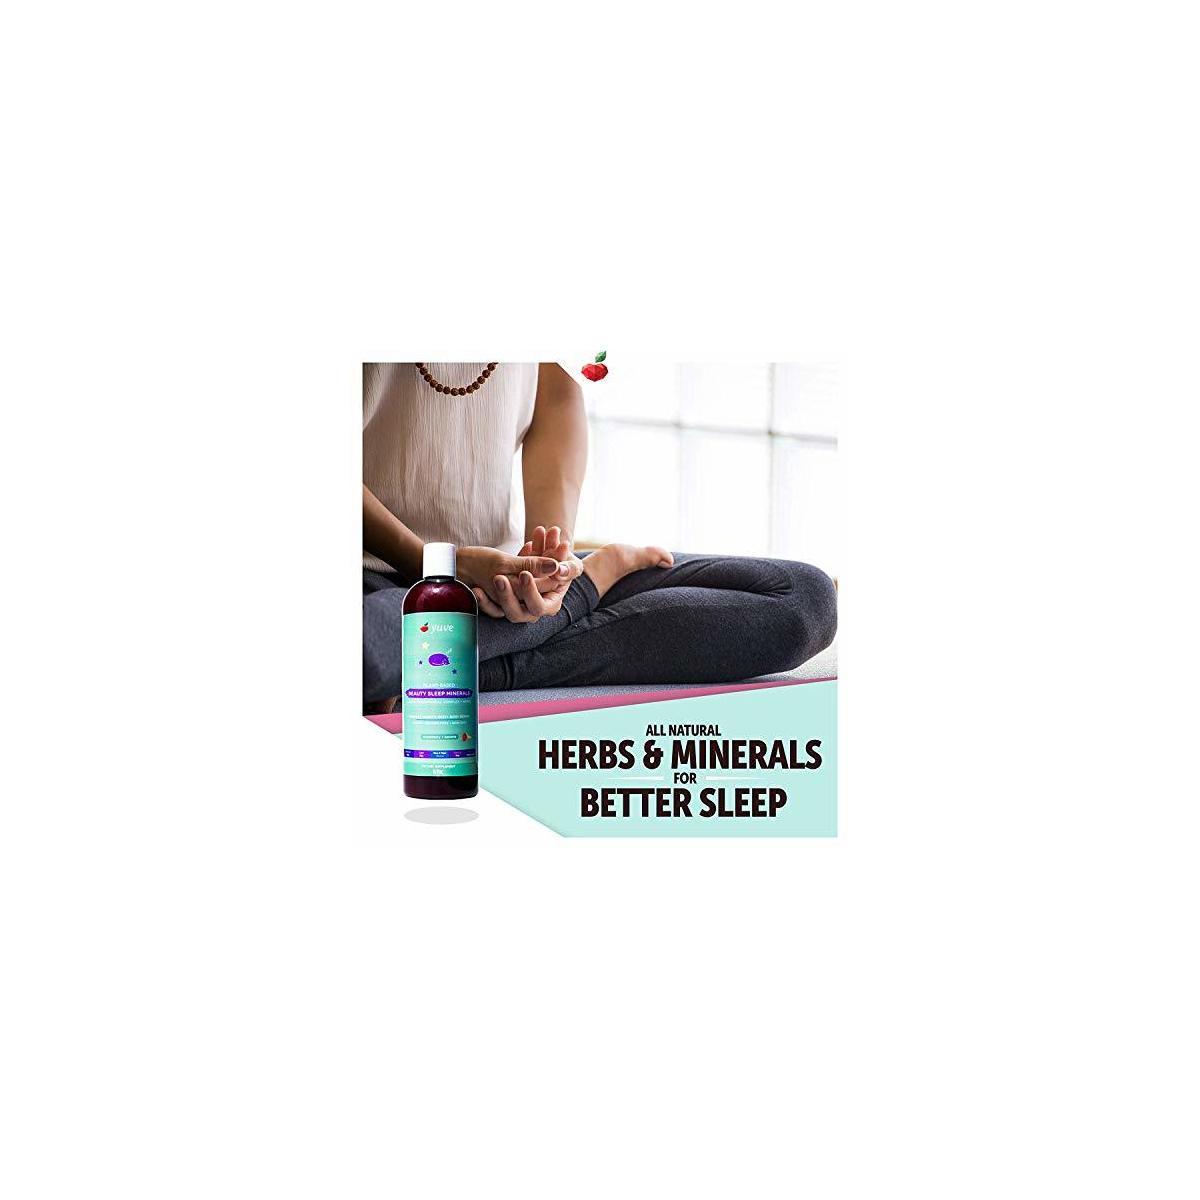 Yuve Liquid Natural Sleep Aid Multimineral - Complete Mineral Herbal Complex (Valerian Root, Magnesium, Calcium) - Non-Habit Forming Vegan Vitamins for Sleeping - Non-GMO, Melatonin & Sugar Free 16oz